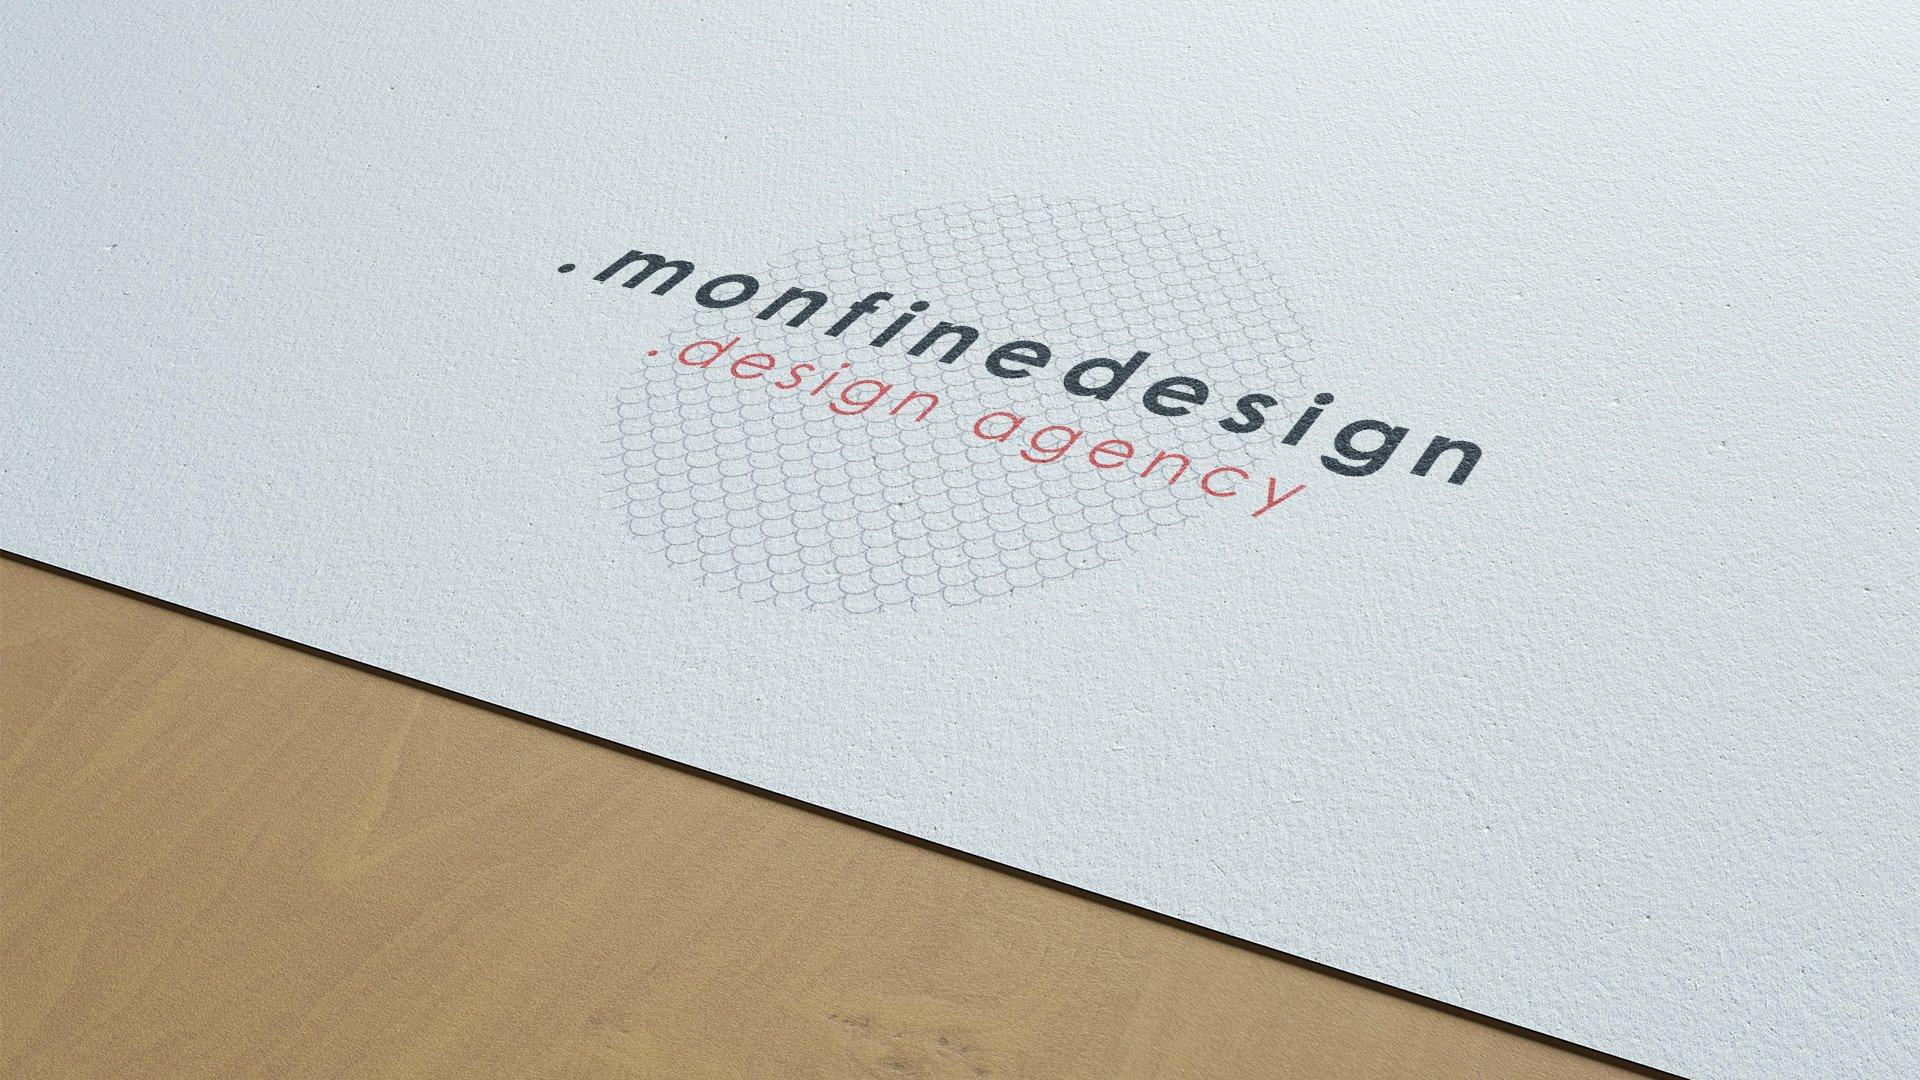 monfinedesig - design agency di romano monero - print design, cataloghi, brochure, biglietti da visita, menu, packaging e tutto ciò che ha che fare con la stampa